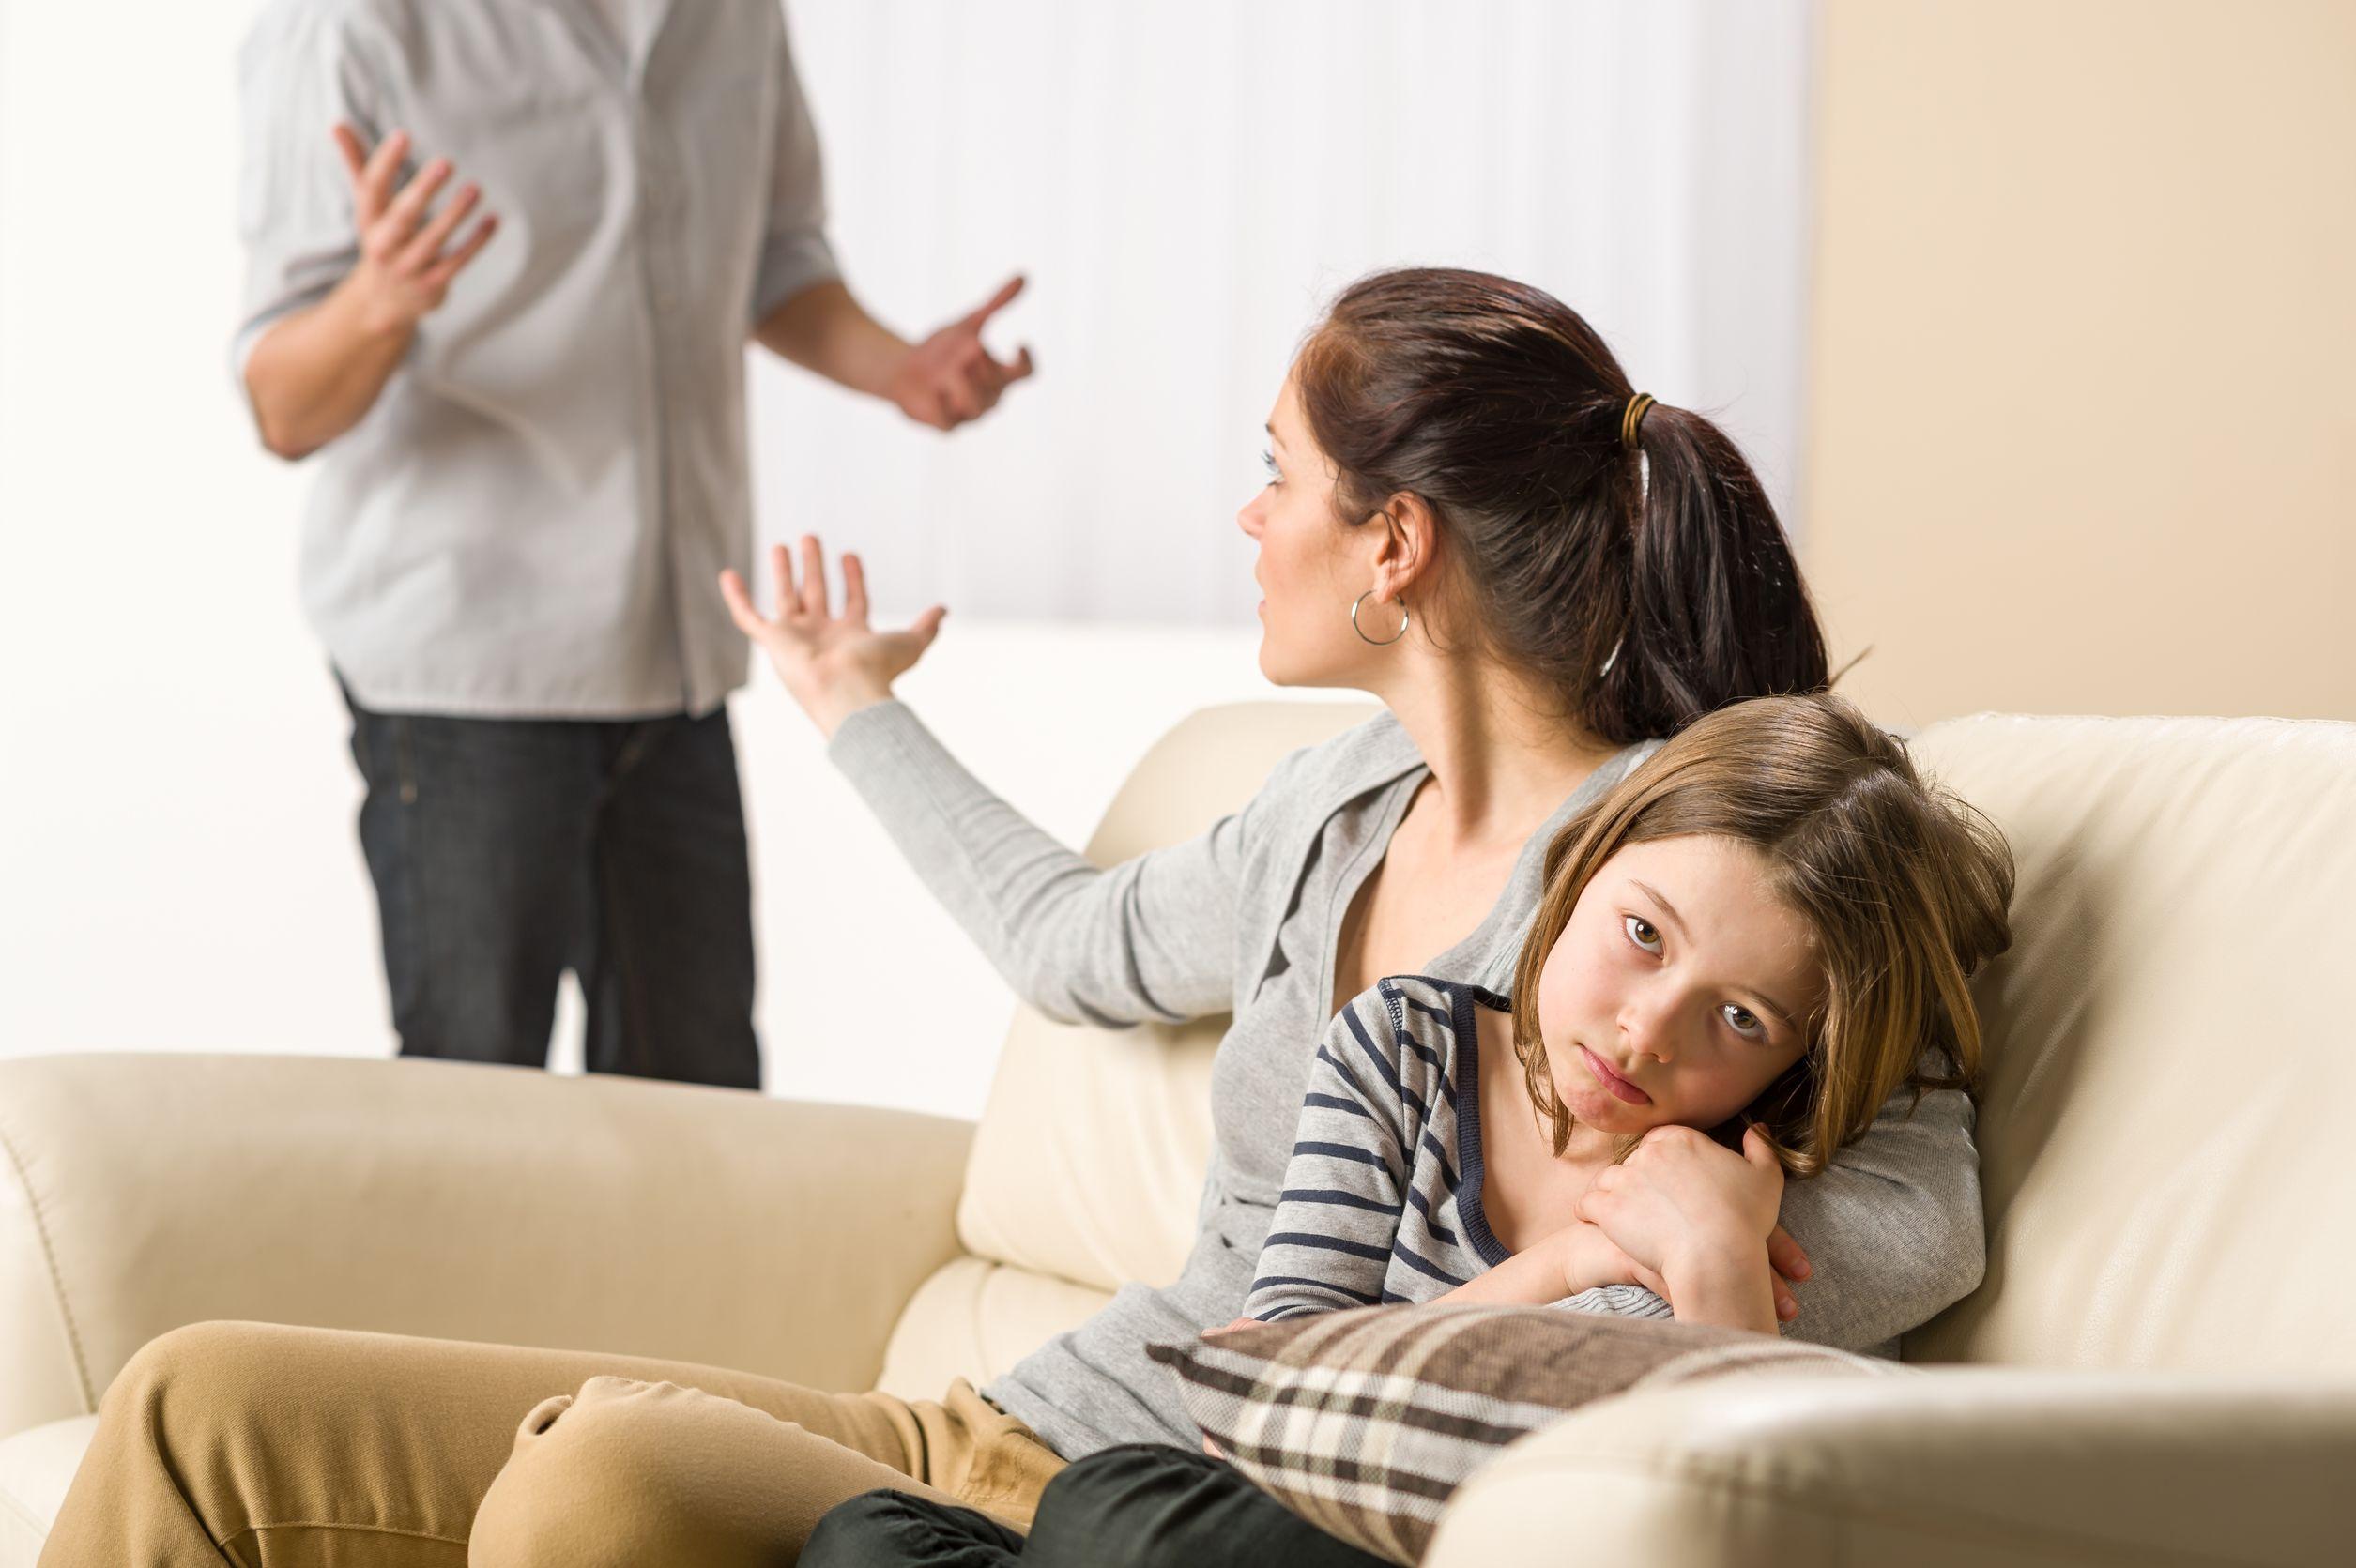 Пособие на ребенка, не получающего алименты